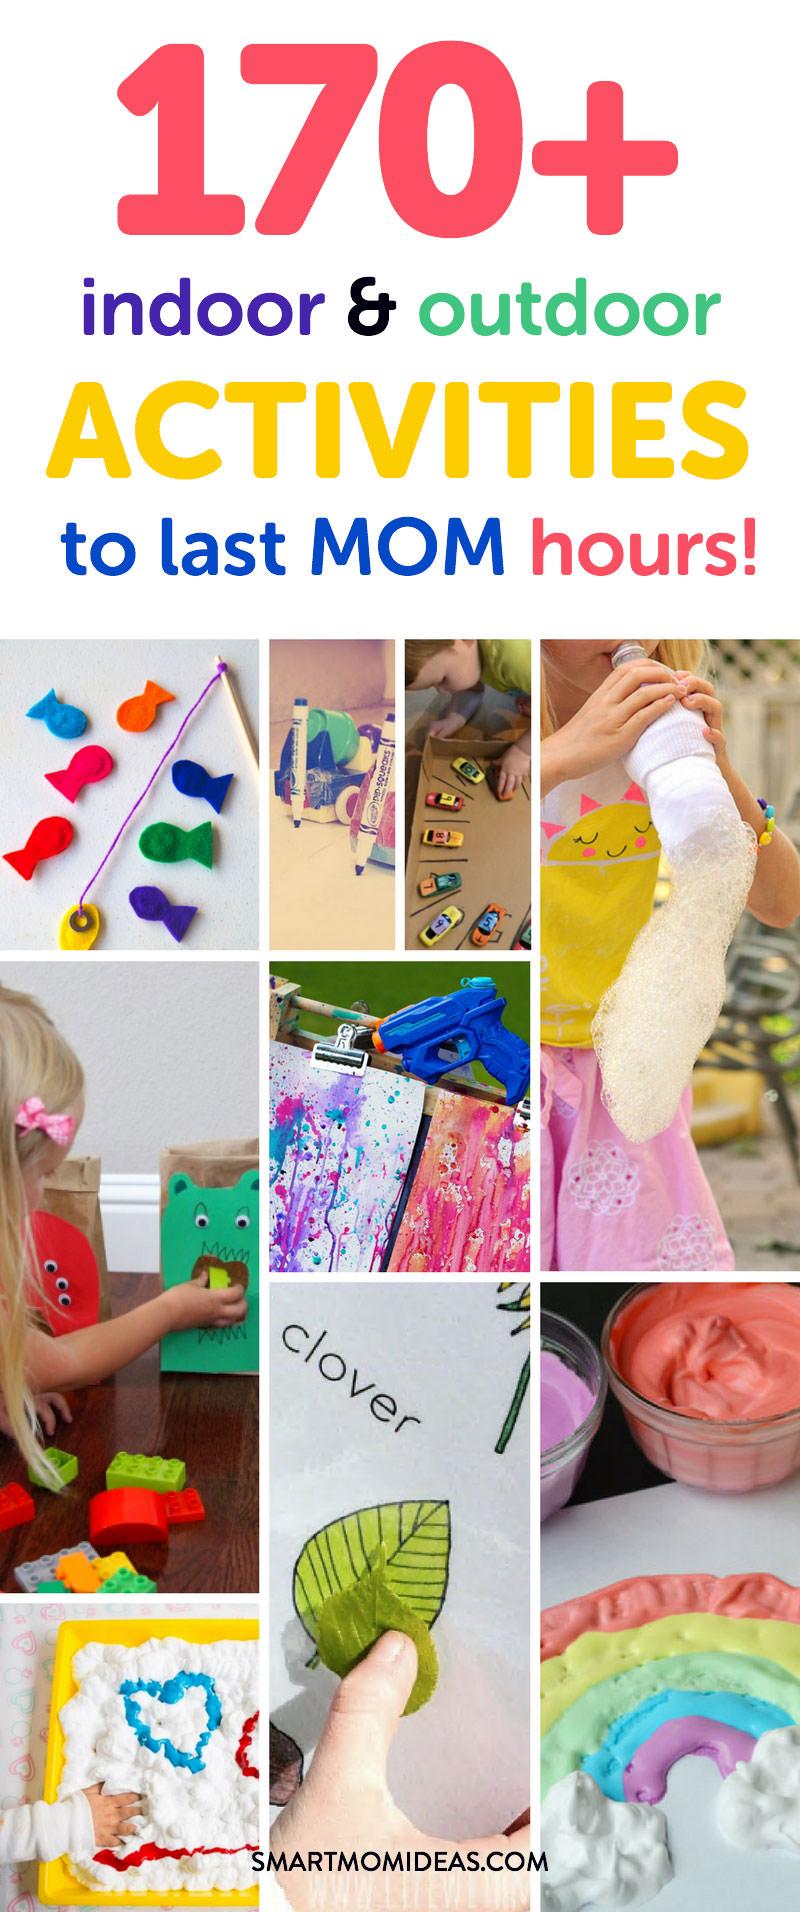 170 Indoor And Outdoor Toddler Activities To Last Mom Hours Smart